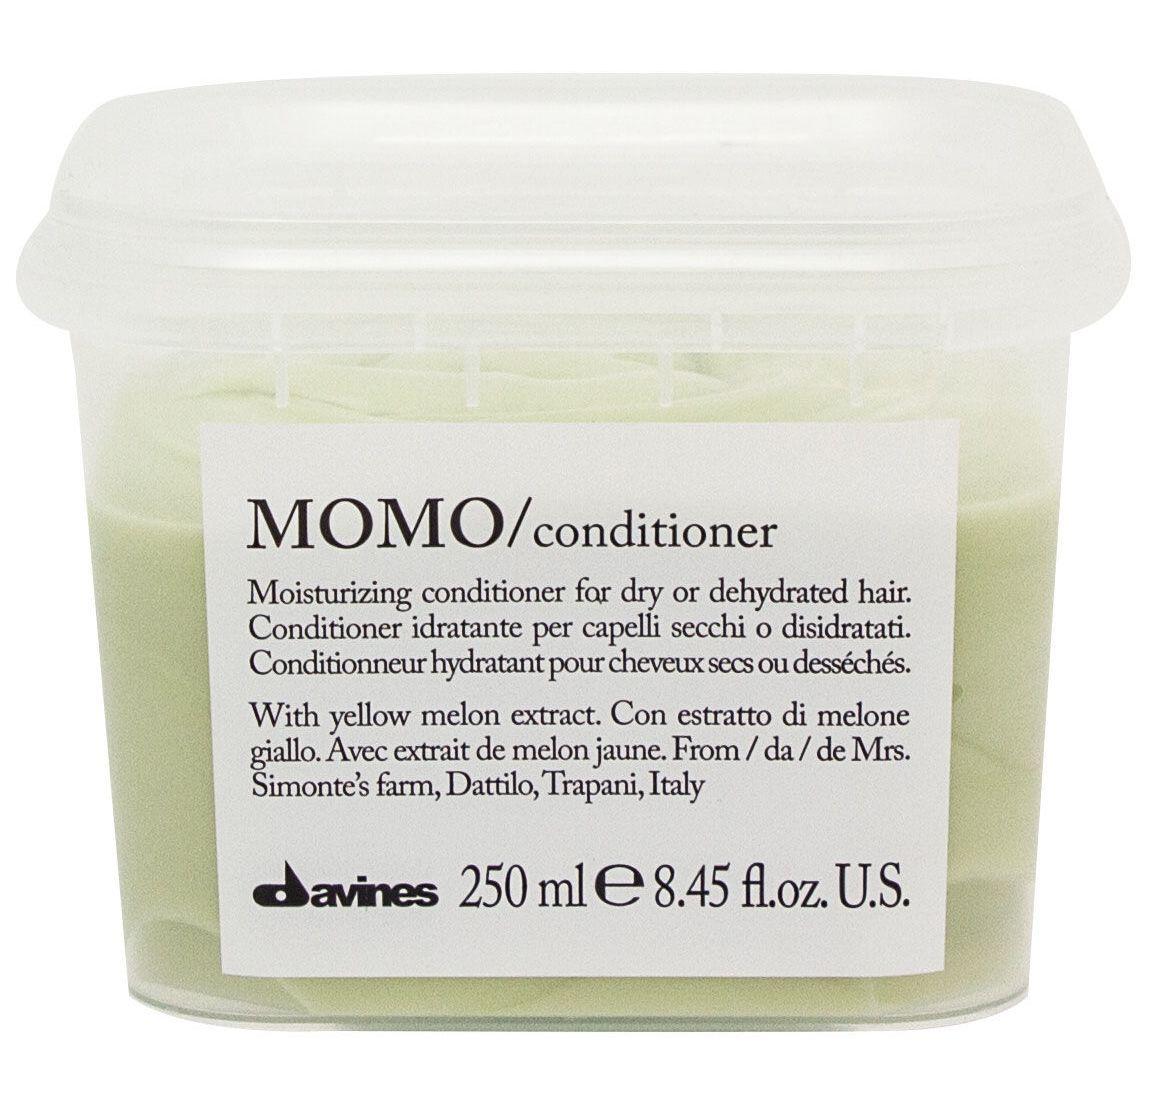 Davines Увлажняющий кондиционер, облегчающий расчесывание волос Essential Haircare New Momo Conditioner, 250 мл75015Специальная серия для сухих и обезвоженных волос. Натуральный экстракт желтой дыни насыщает волосы витаминами, минеральными солями. Волосы увлажнены надолго. Нормализуется функционирование кожи головы. Приятный свежий аромат успокаивает и настраивает на позитивный лад.